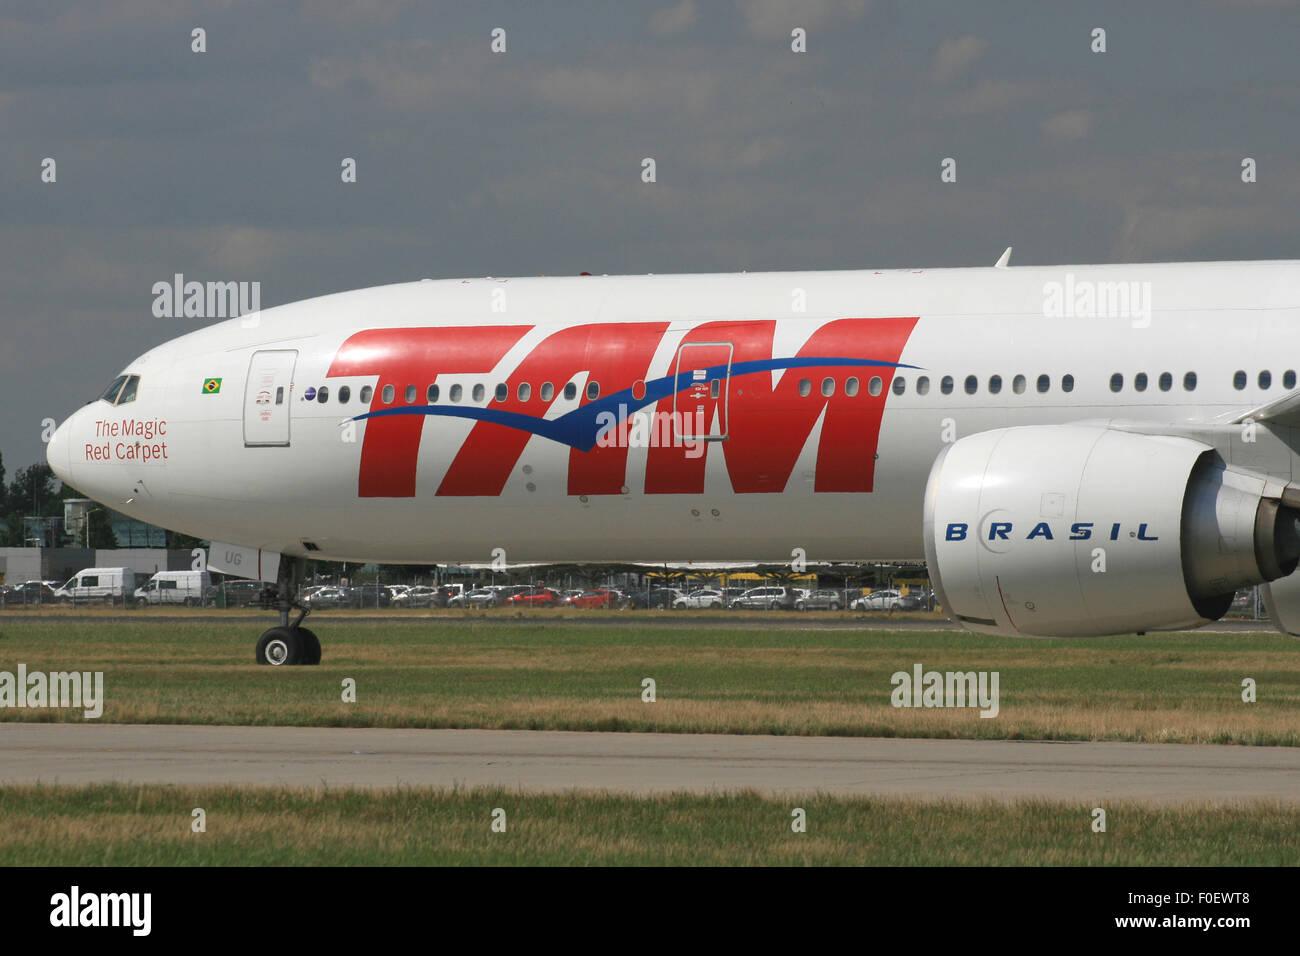 tam brasil 777 - Stock Image